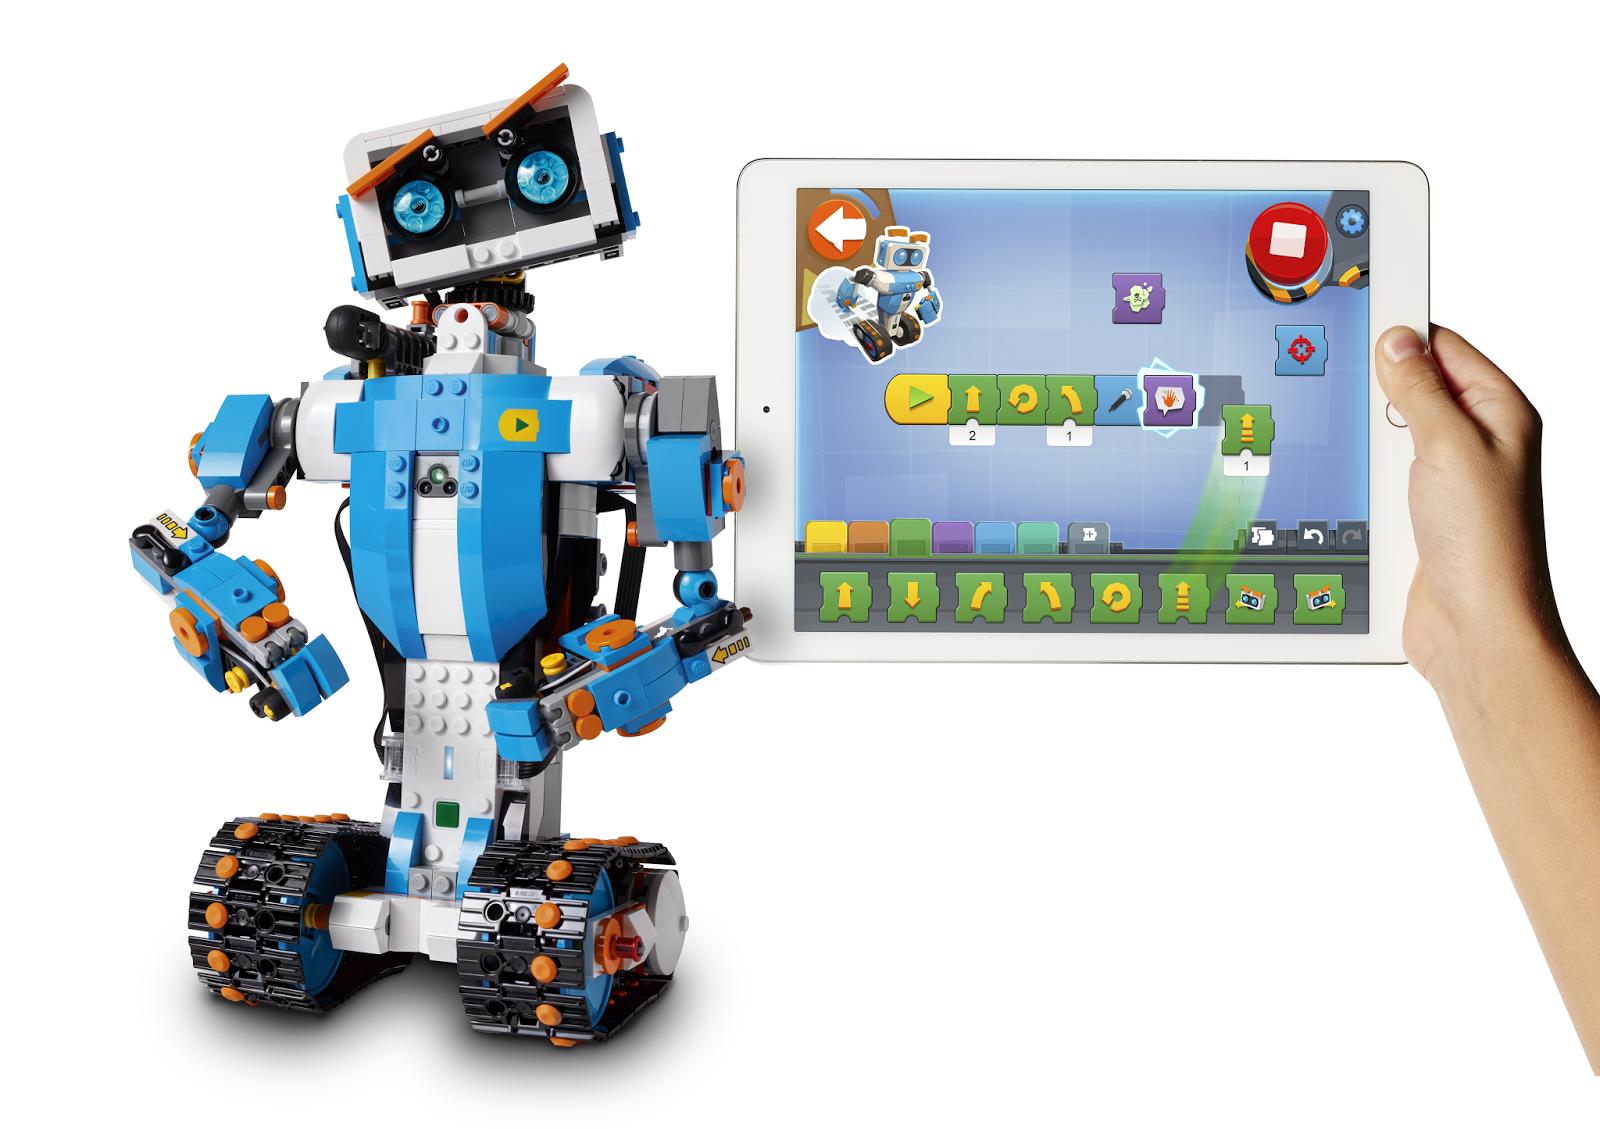 lego boost robotics for kids age 7. Black Bedroom Furniture Sets. Home Design Ideas